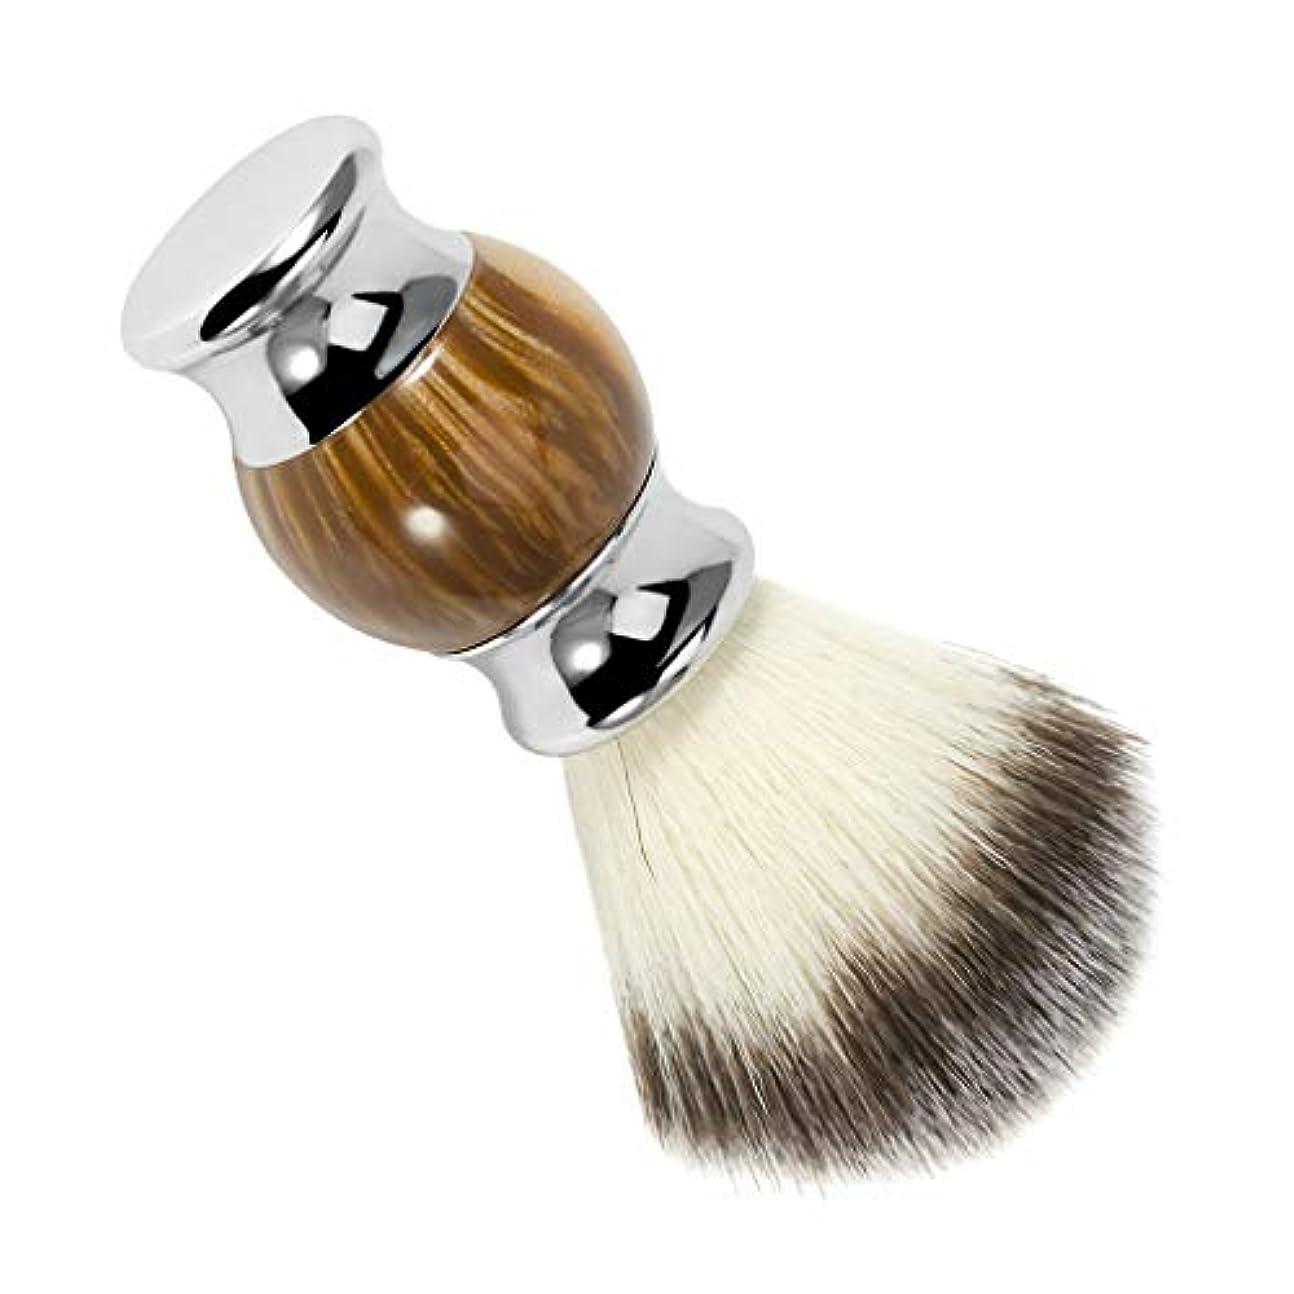 解任無駄な家事をするシェービングブラシ 理髪ブラシ 剃毛ブラシ 口ひげブラシ 樹脂ハンドル 理髪サロン